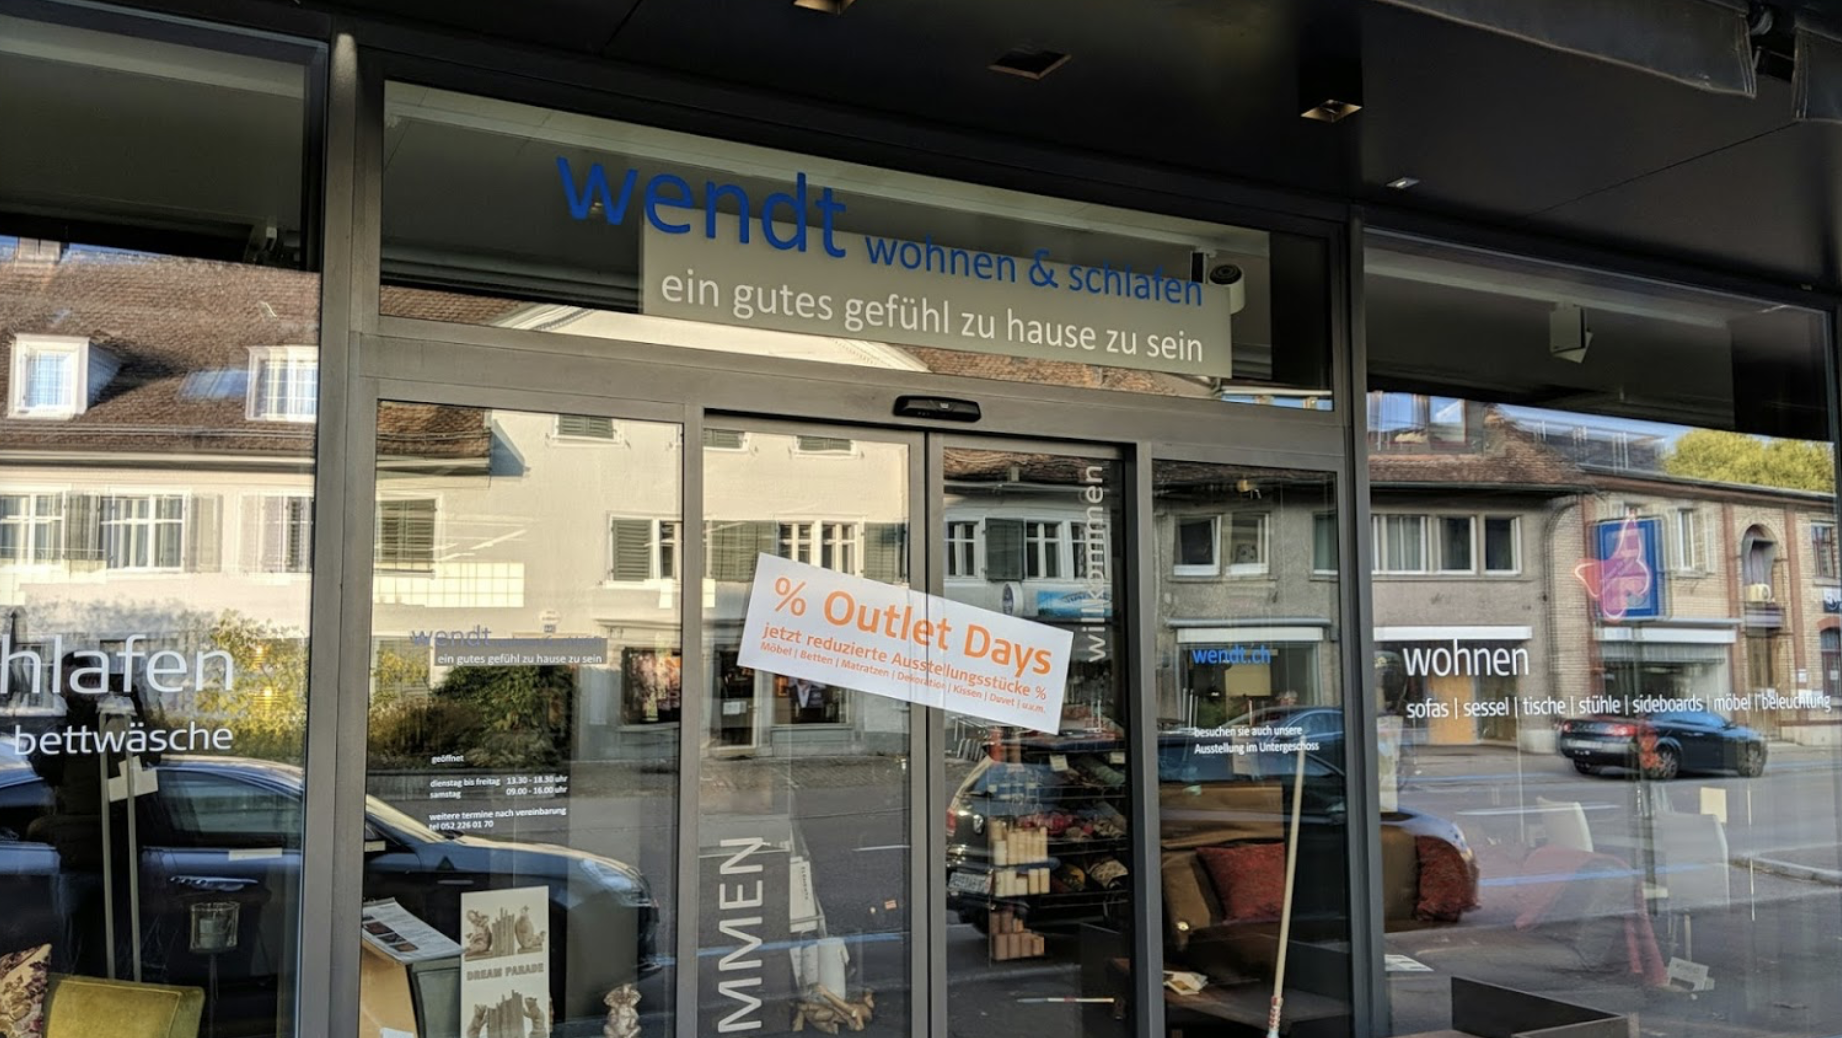 Haus Garten Möbel In Winterthur Ihre Suche Ergab 52 Treffer